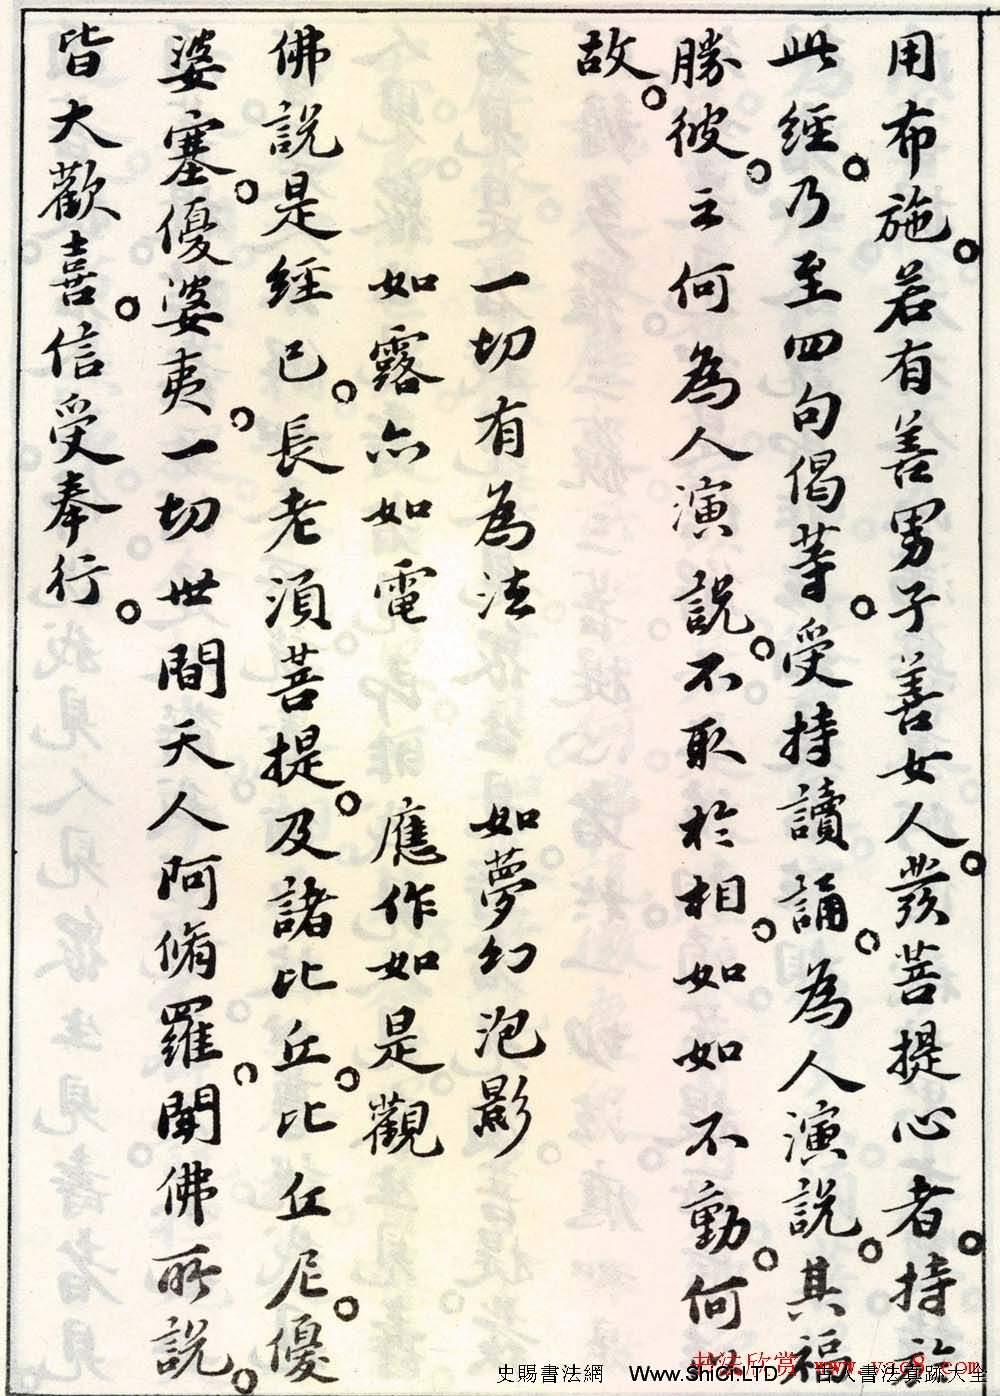 北宋蘇軾小楷欣賞《金剛經》